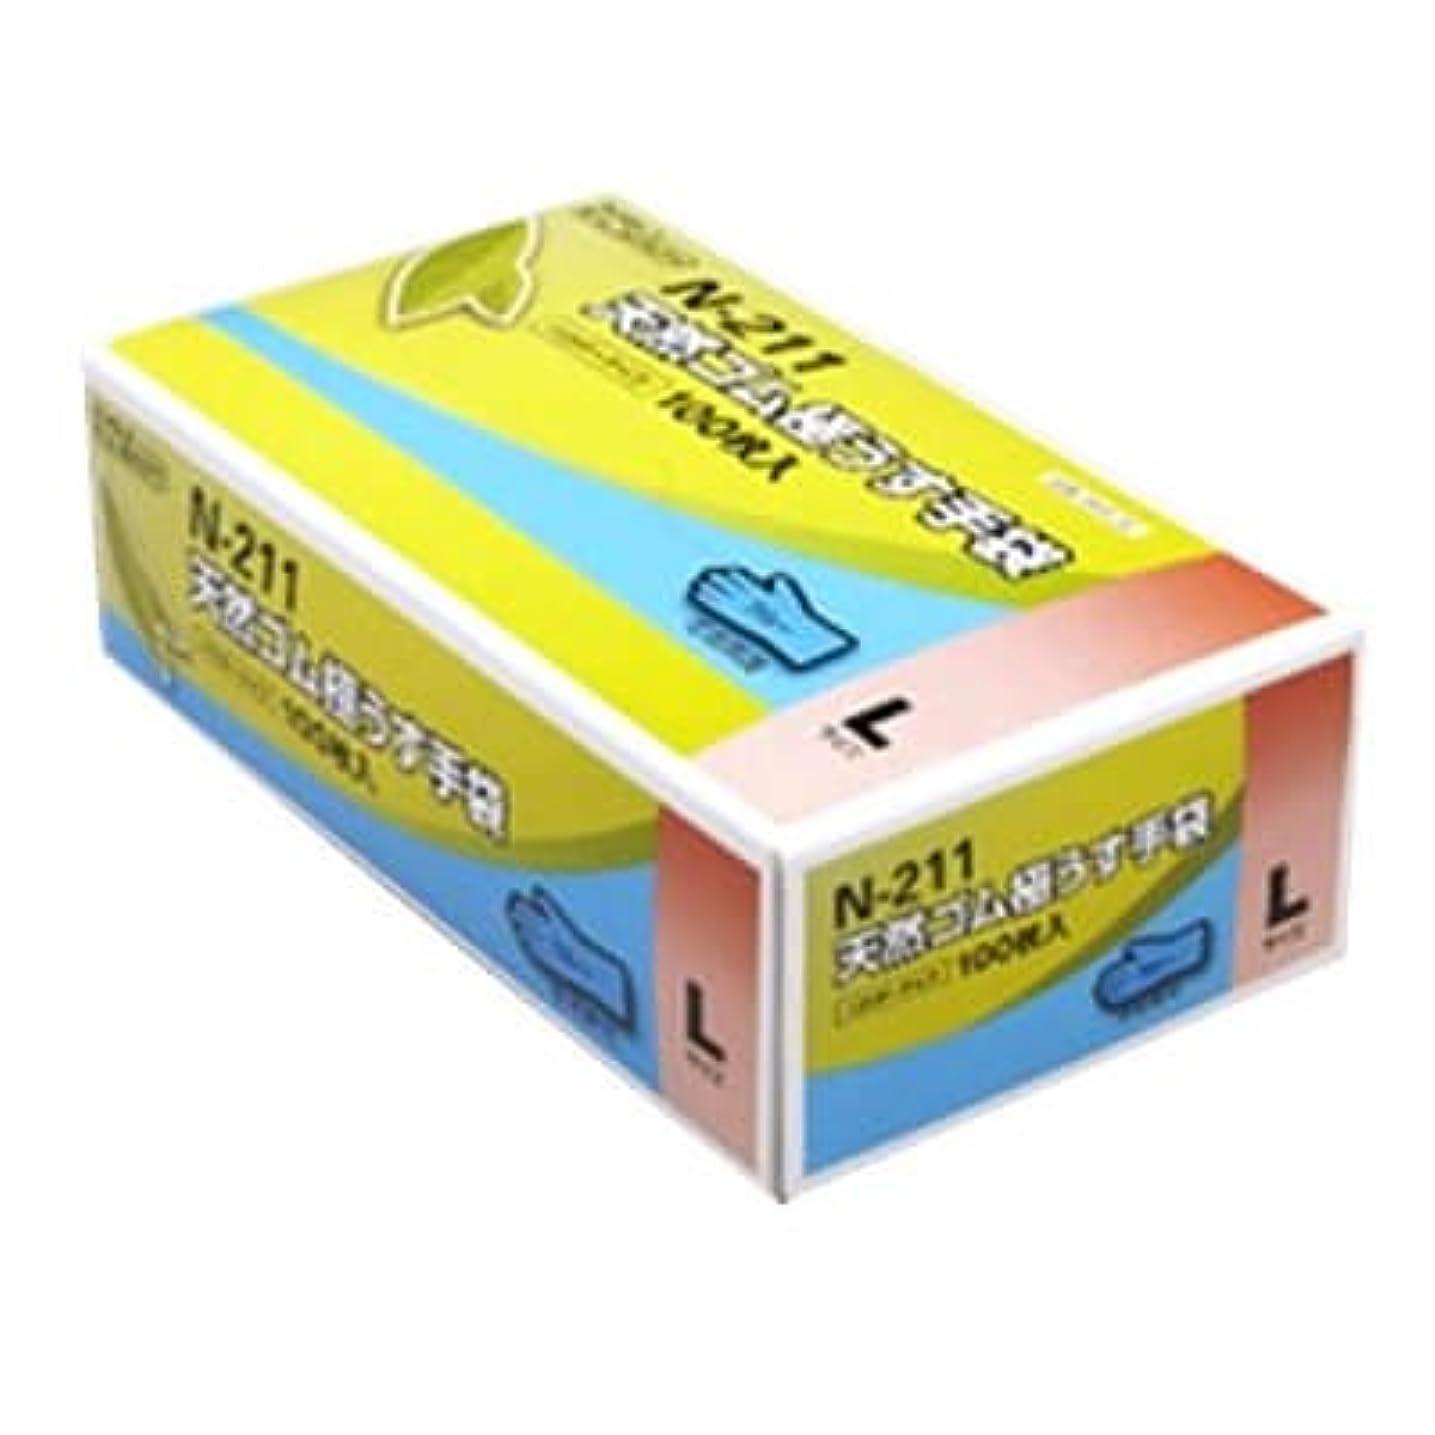 大きさもし気質【ケース販売】 ダンロップ 天然ゴム極うす手袋 N-211 L ブルー (100枚入×20箱)